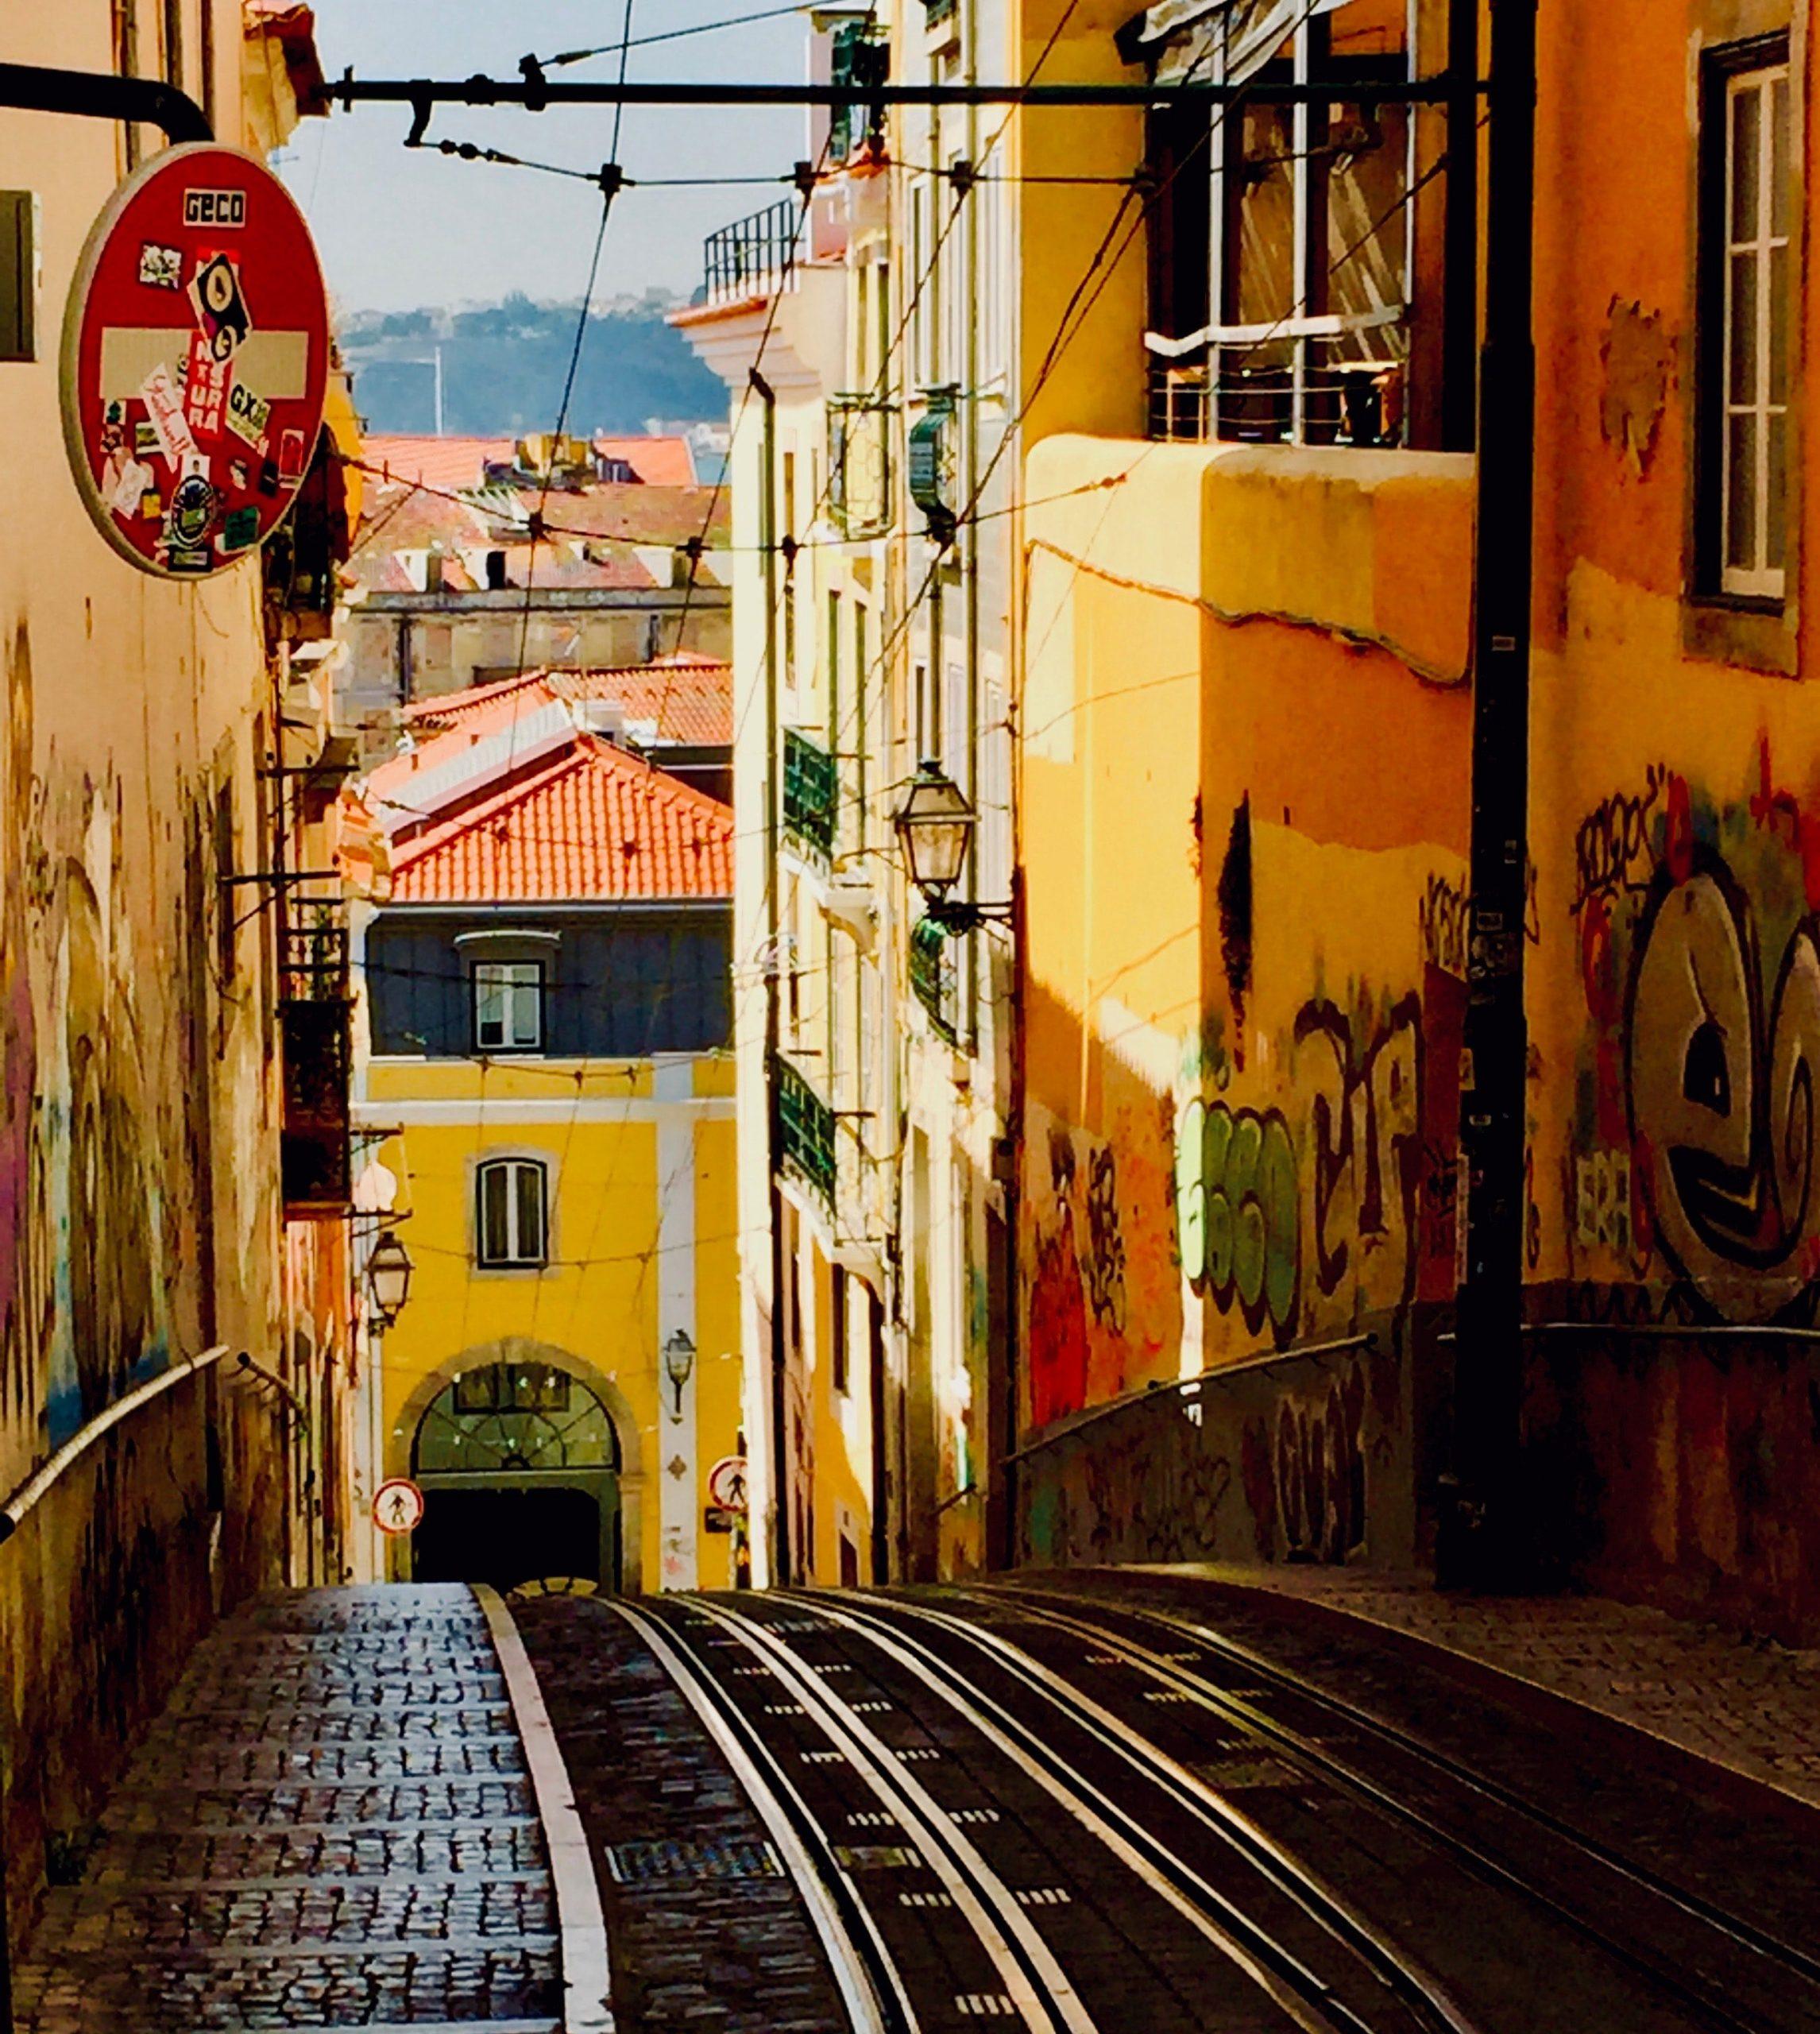 Τι είναι αυτό που κάνει τη Λισαβόνα τόσο ακαταμάχητο προορισμό;